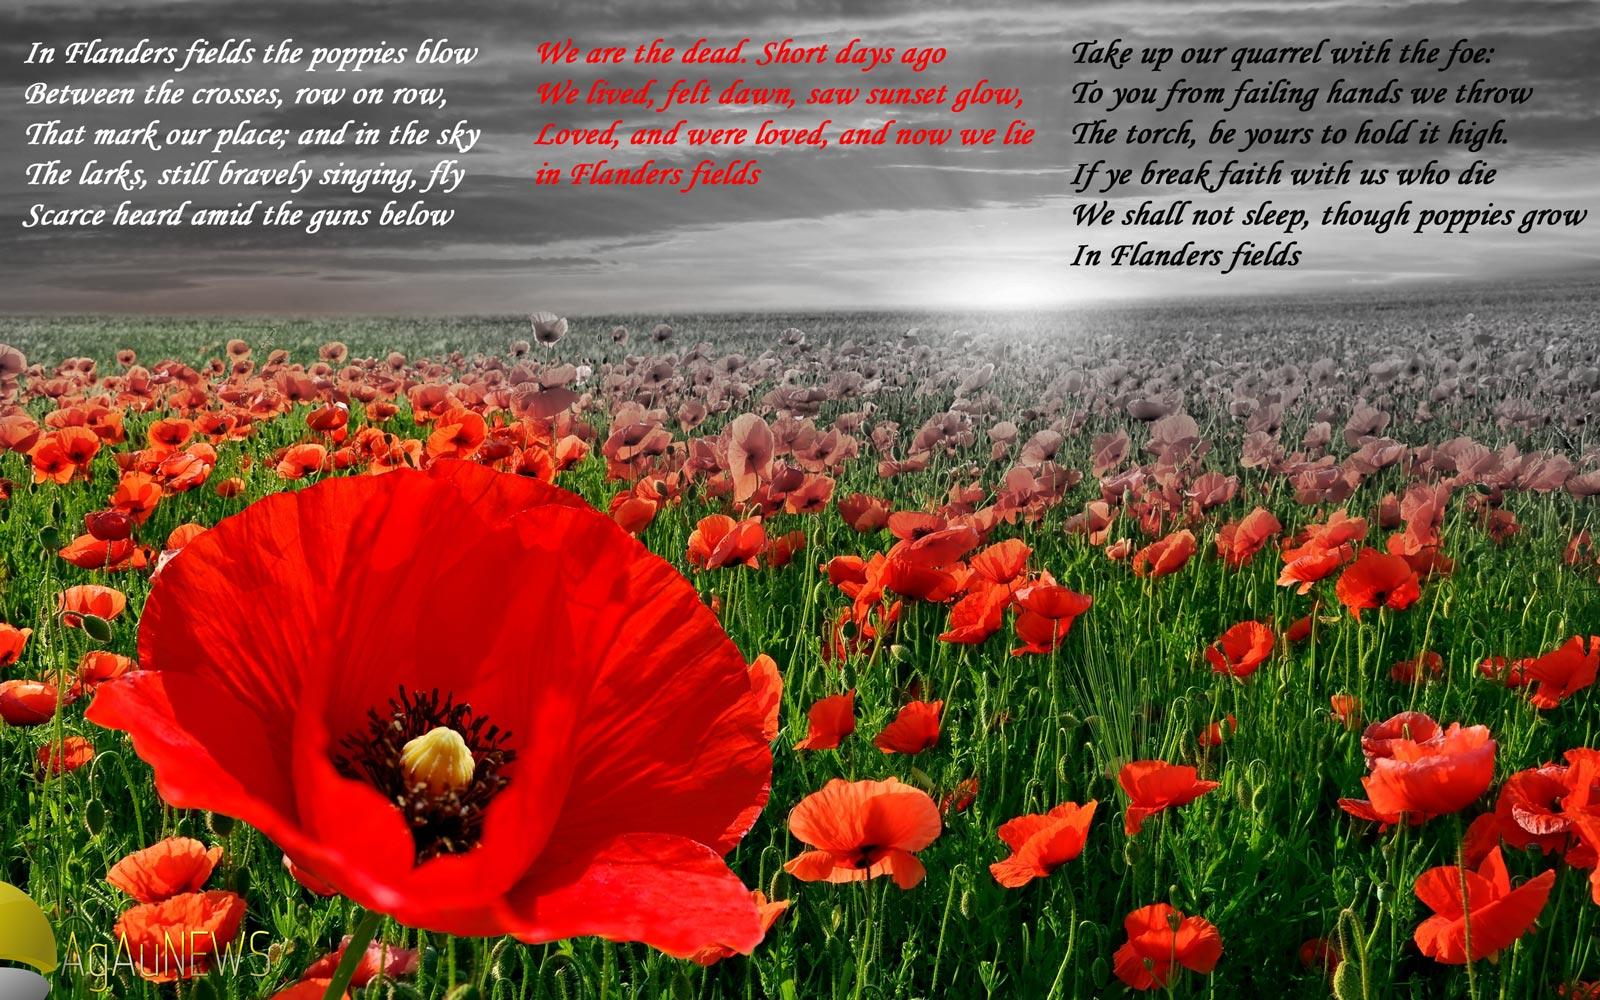 Drawn poppy flanders field THE PAIR POEM FLANDERS COINS